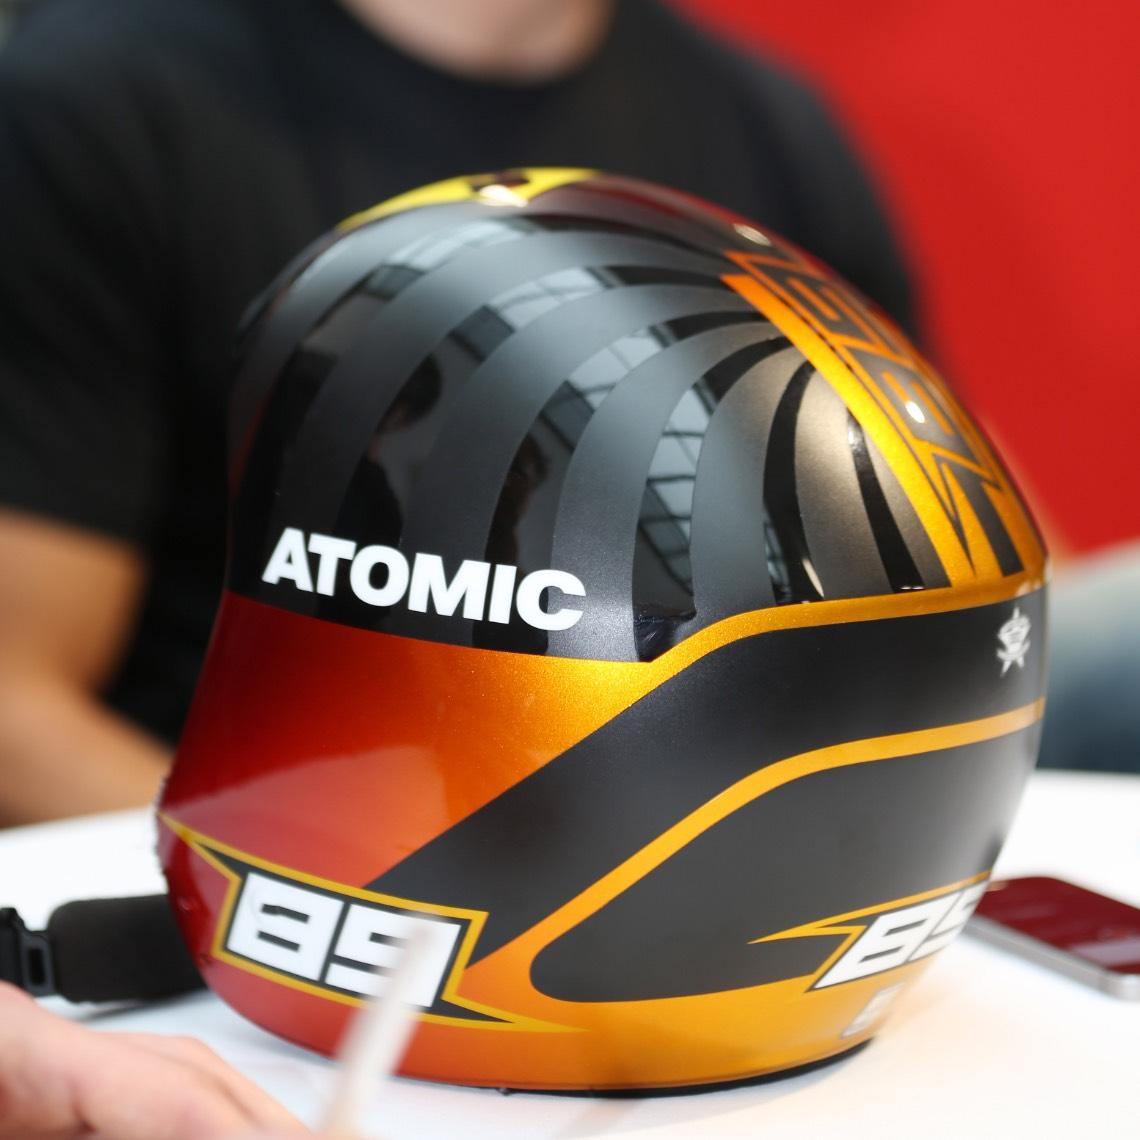 Q2 Werbeagentur, Atomic, Helm